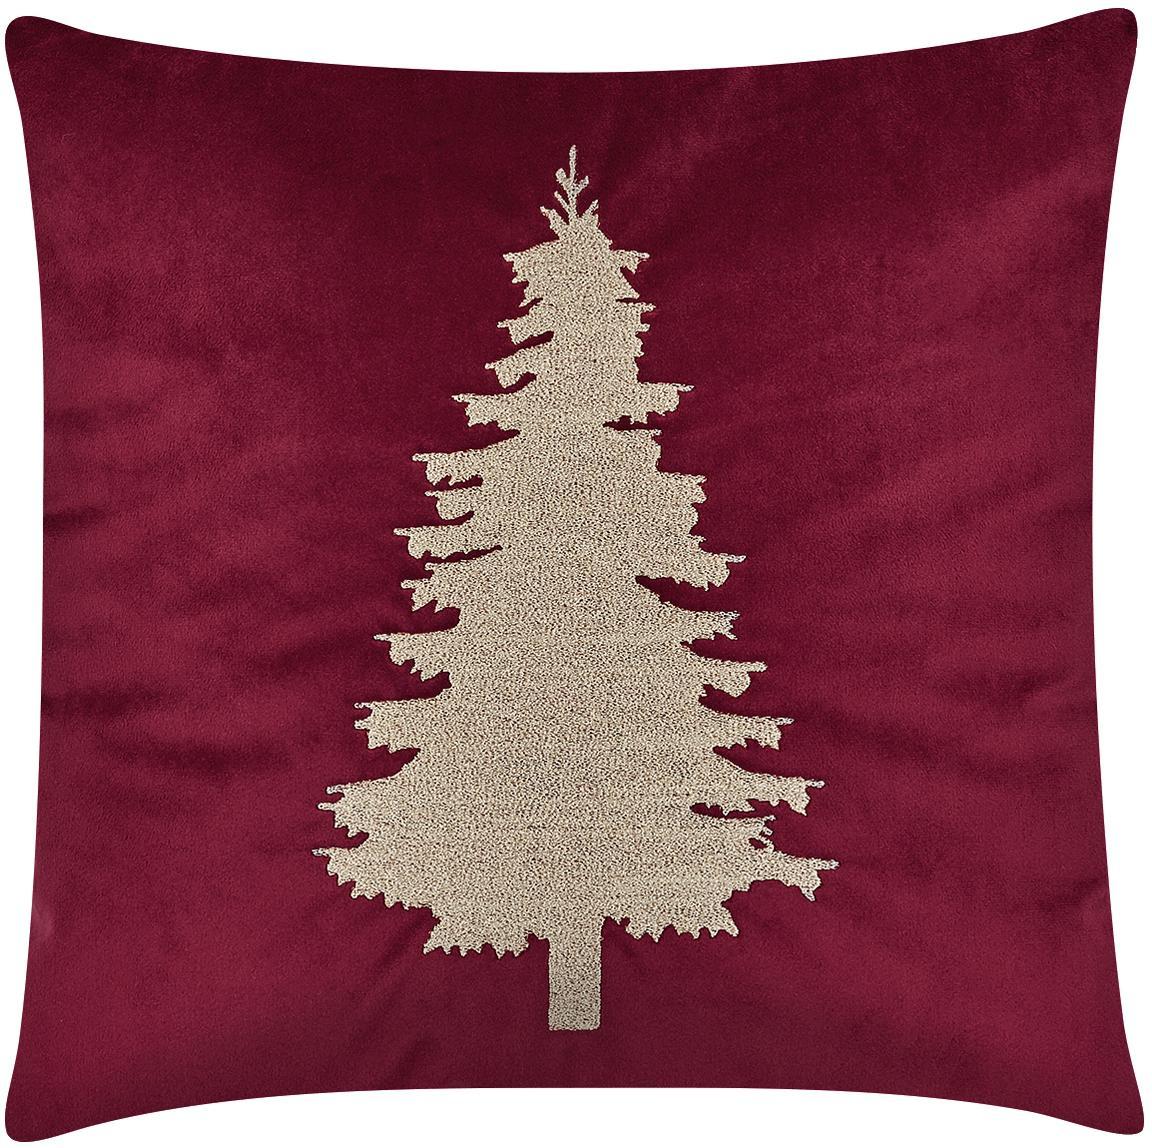 Federa arredo in velluto con albero di Natale Tree, Rosso, Larg. 40 x Lung. 40 cm